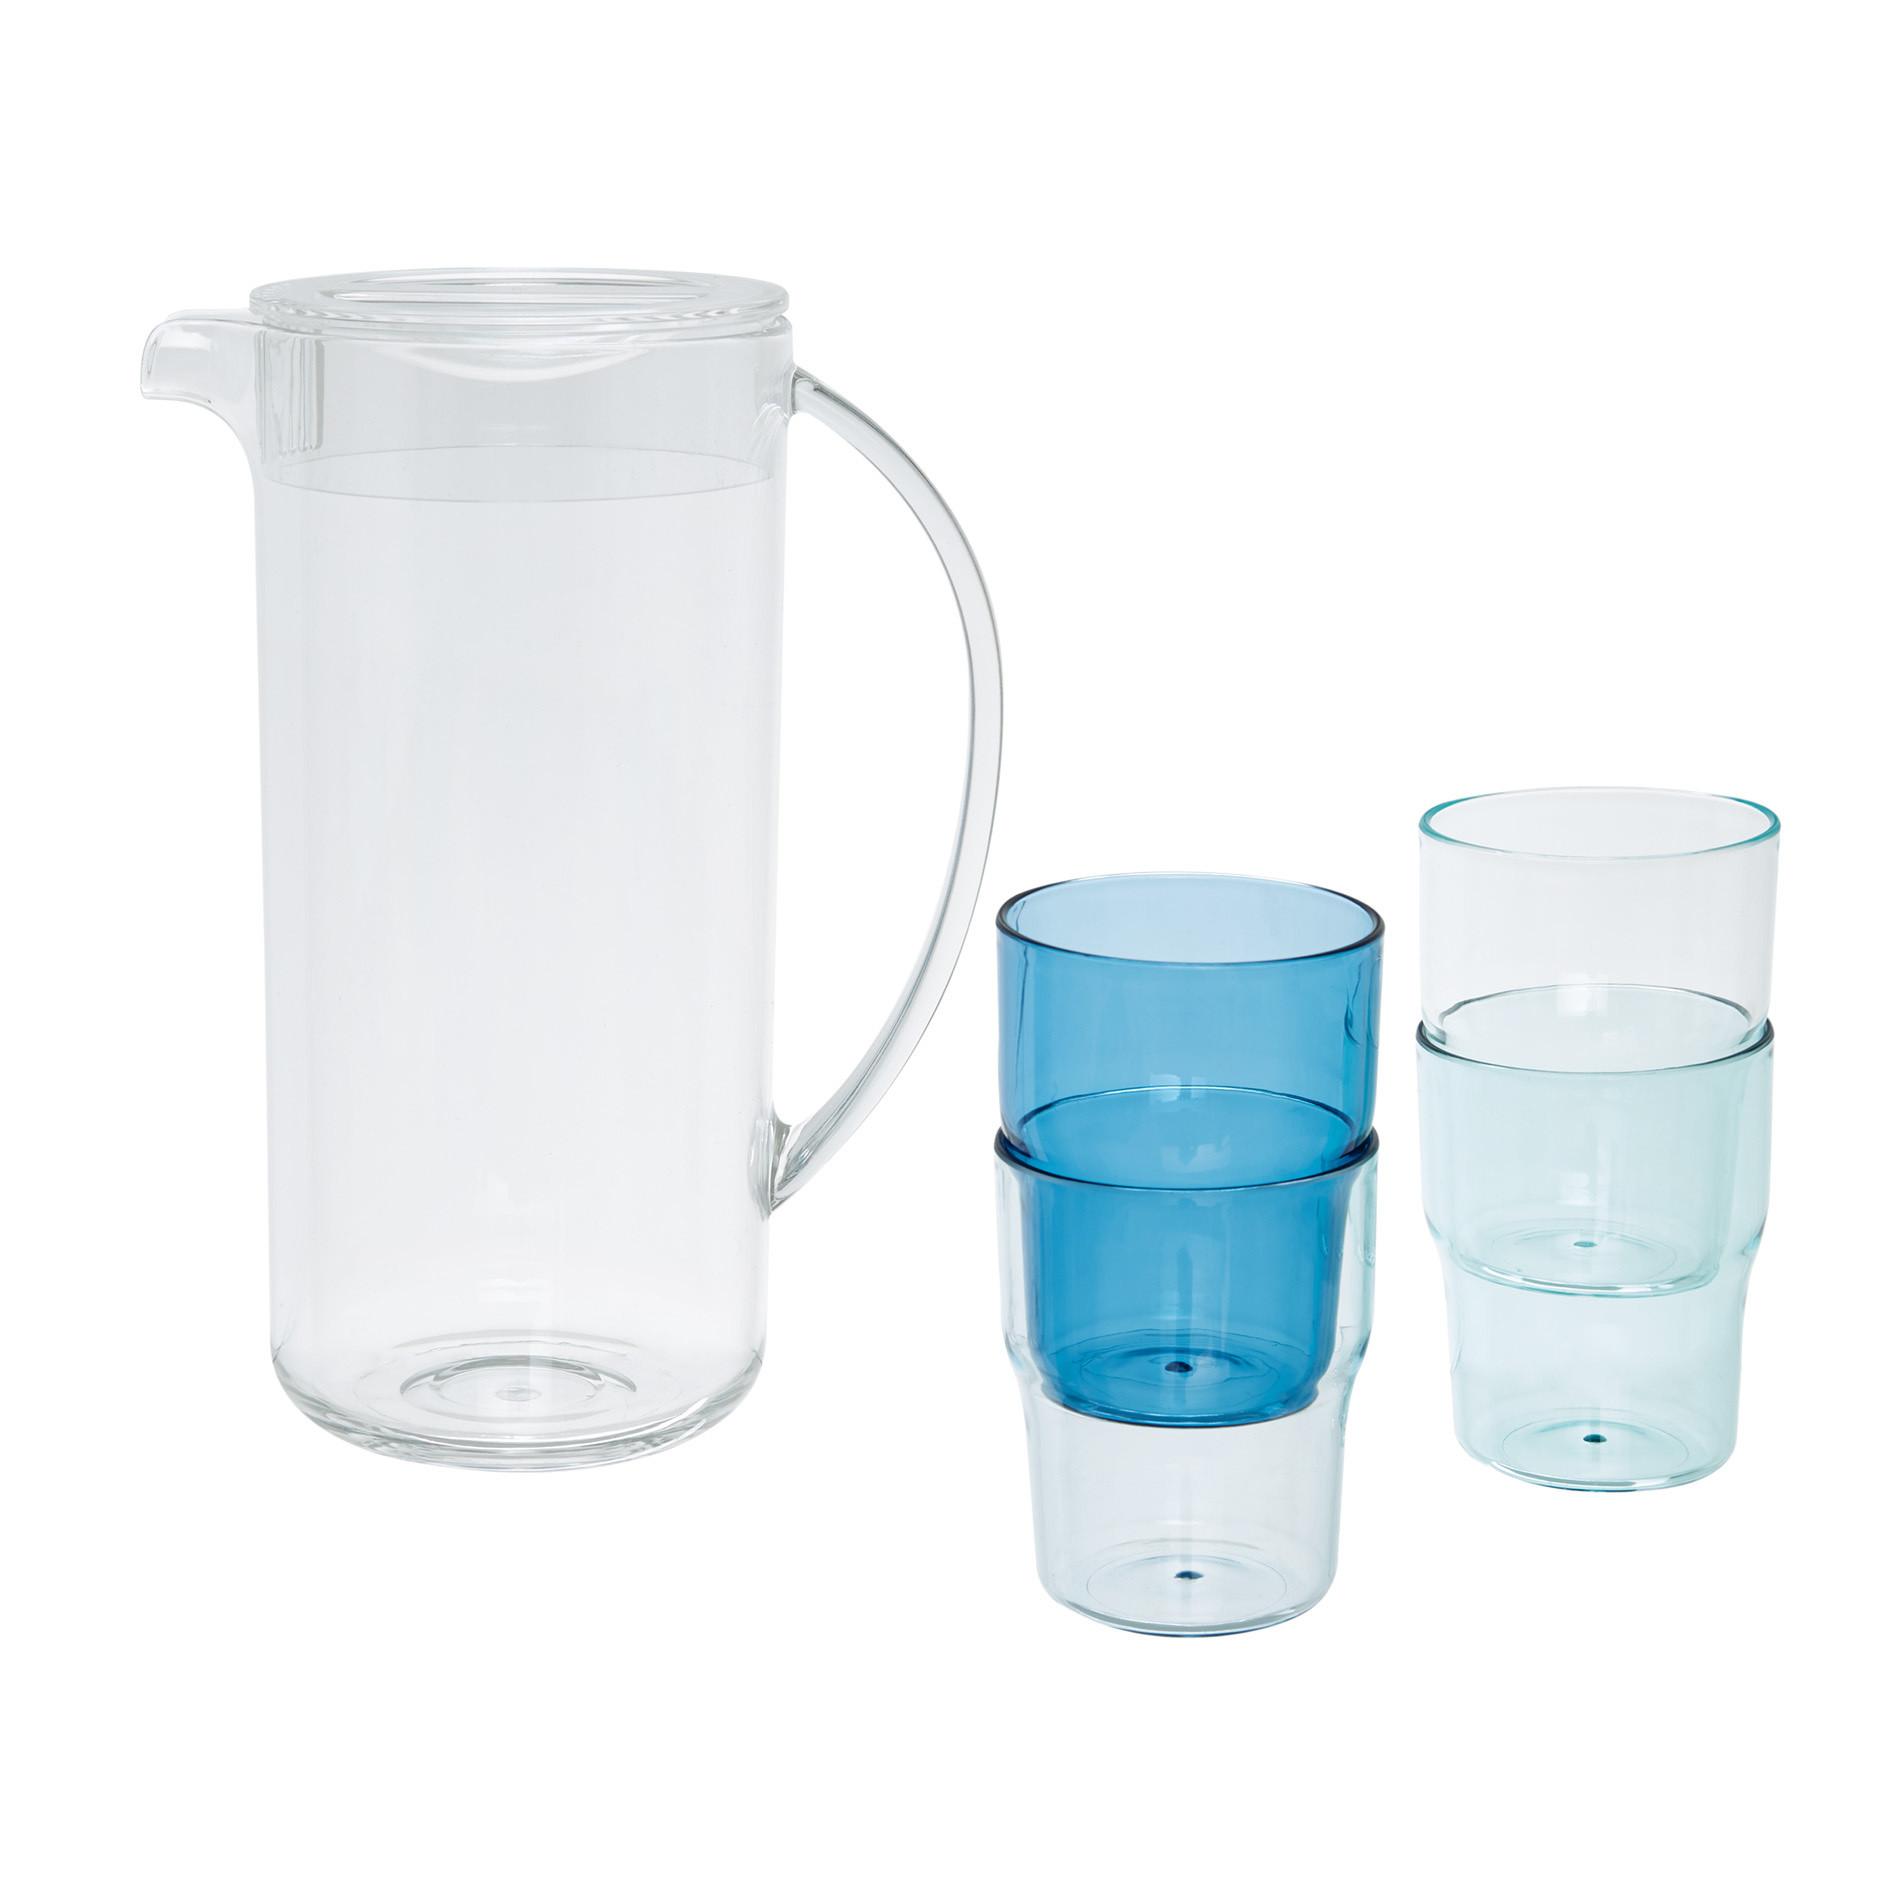 Caraffa plastica con 4 bicchieri, Trasparente, large image number 1